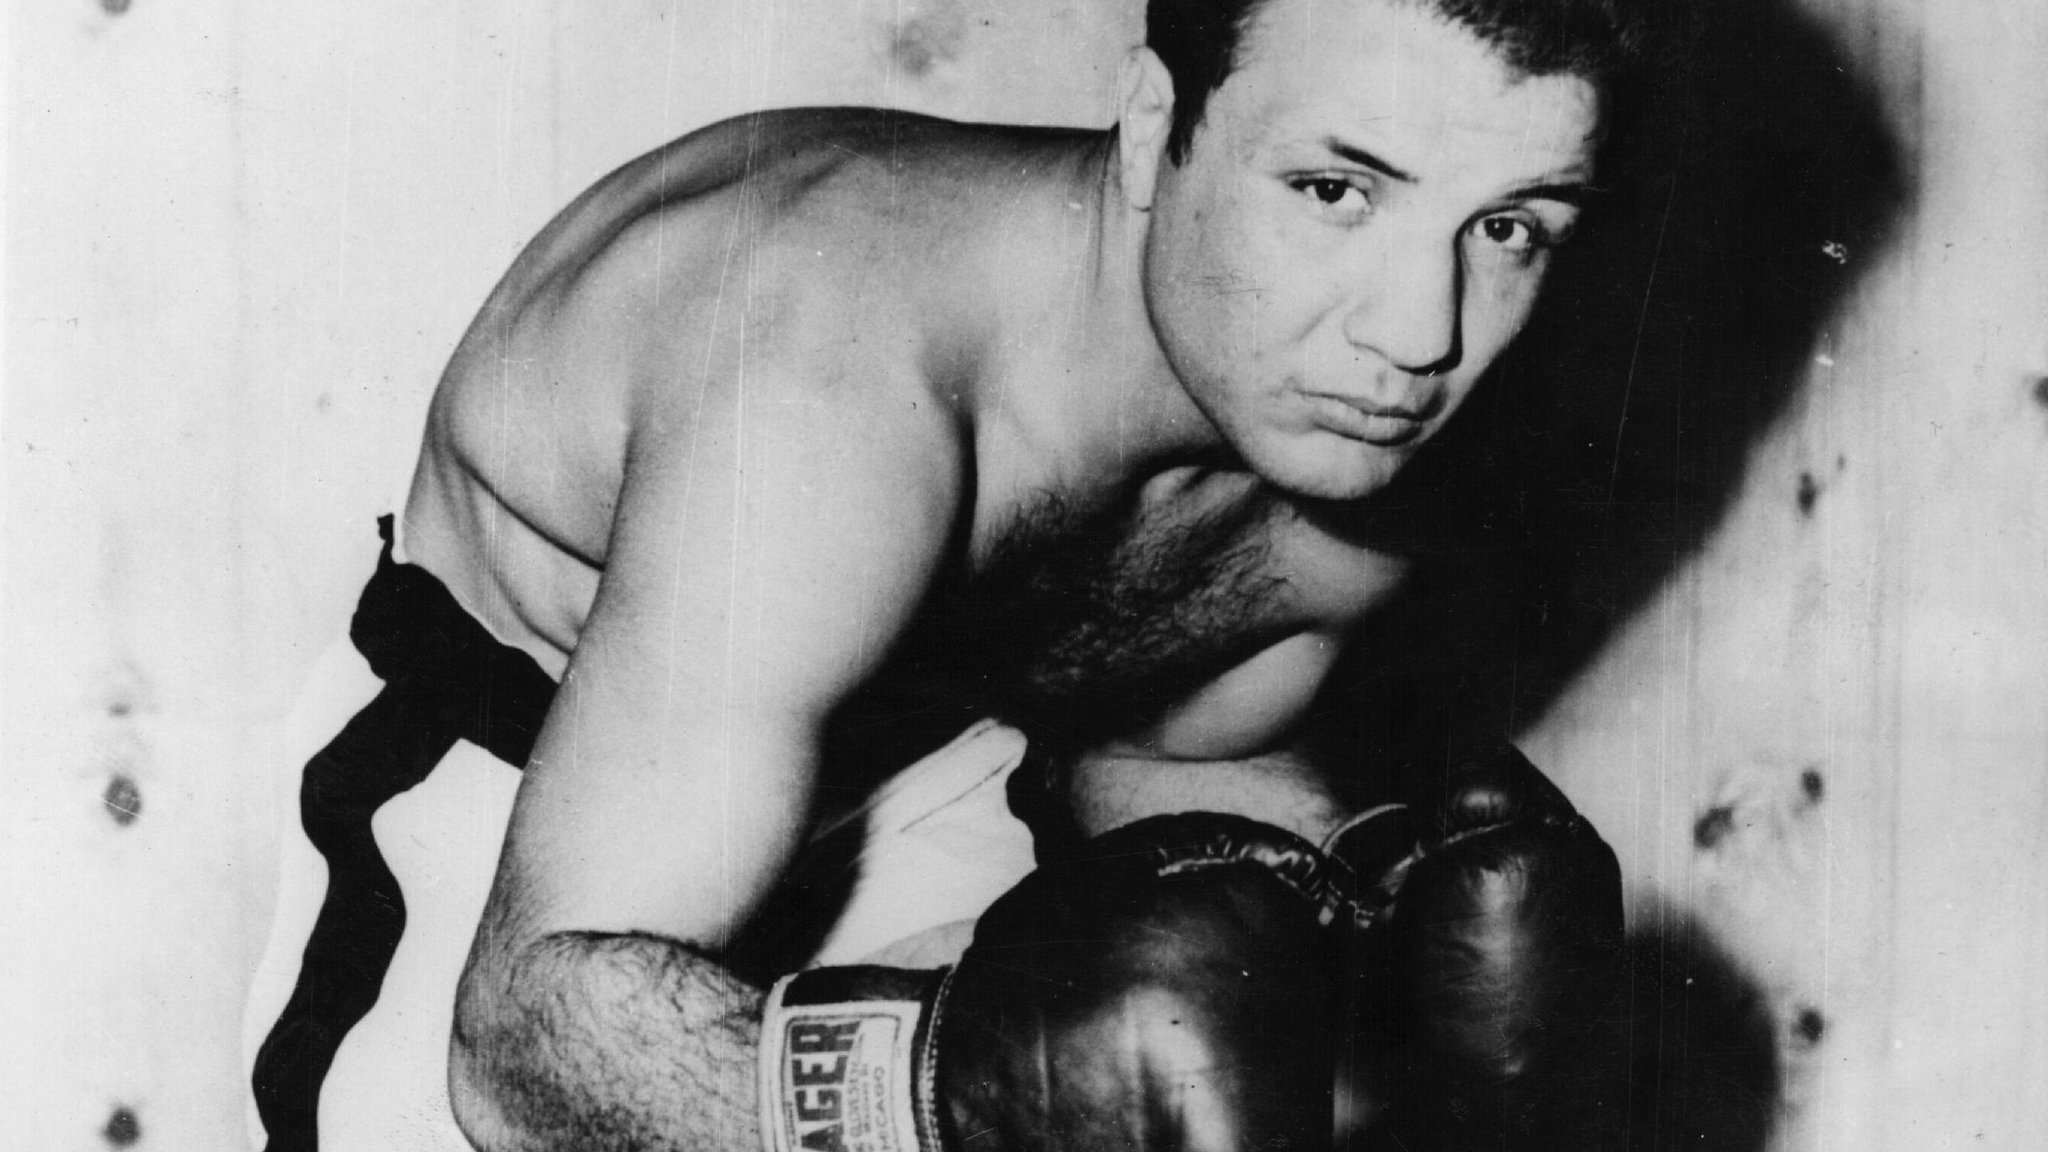 Jake LaMotta: Legendary Raging Bull boxer dies at 95